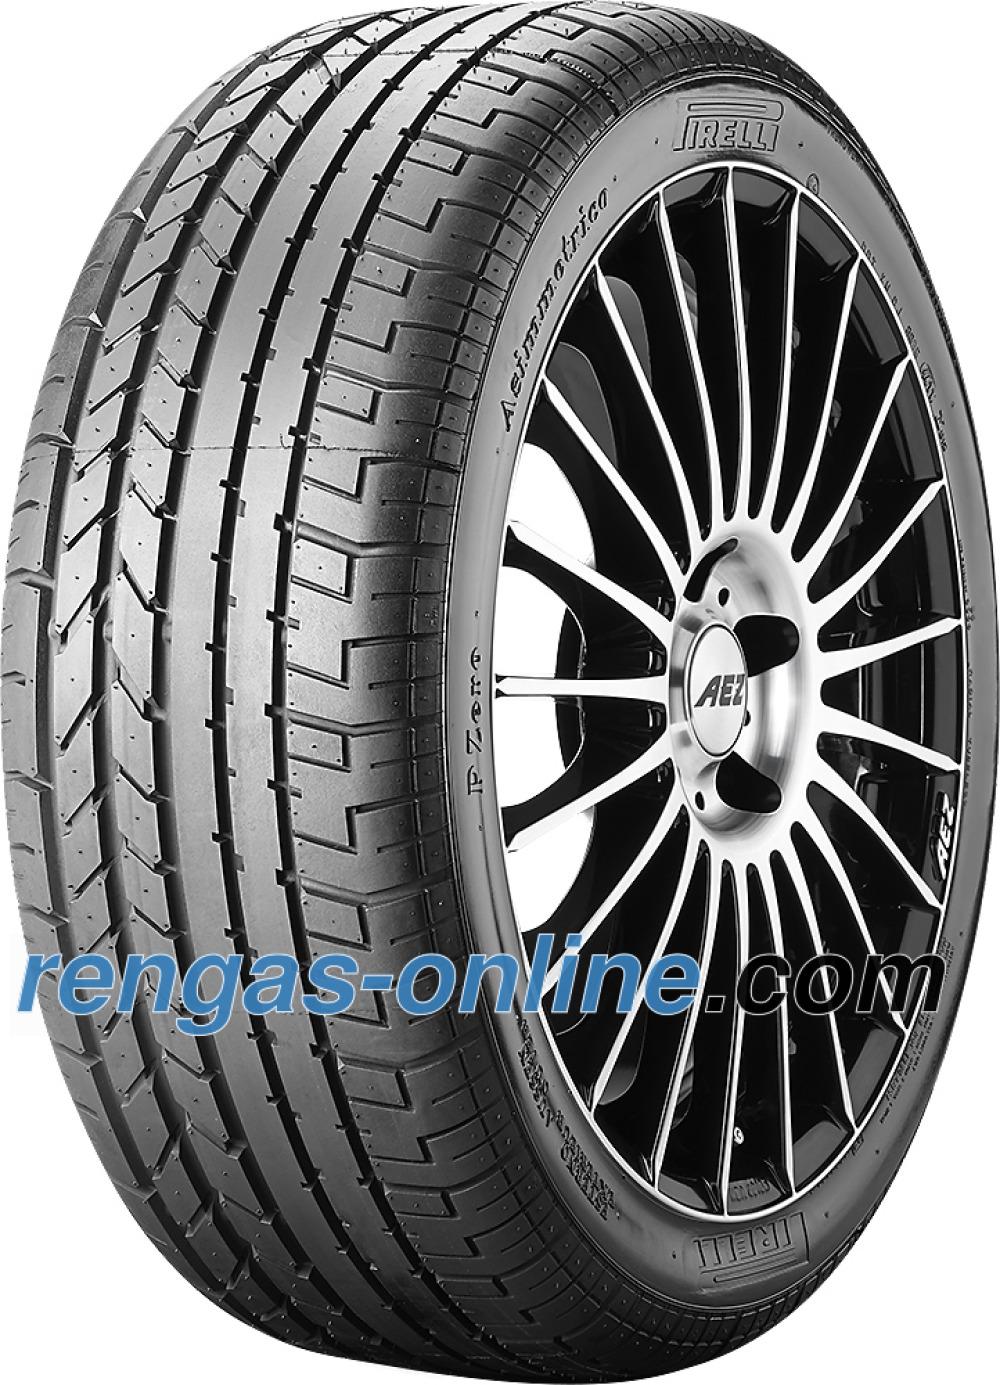 pirelli-p-zero-asimmetrico-24540-zr18-97y-rf